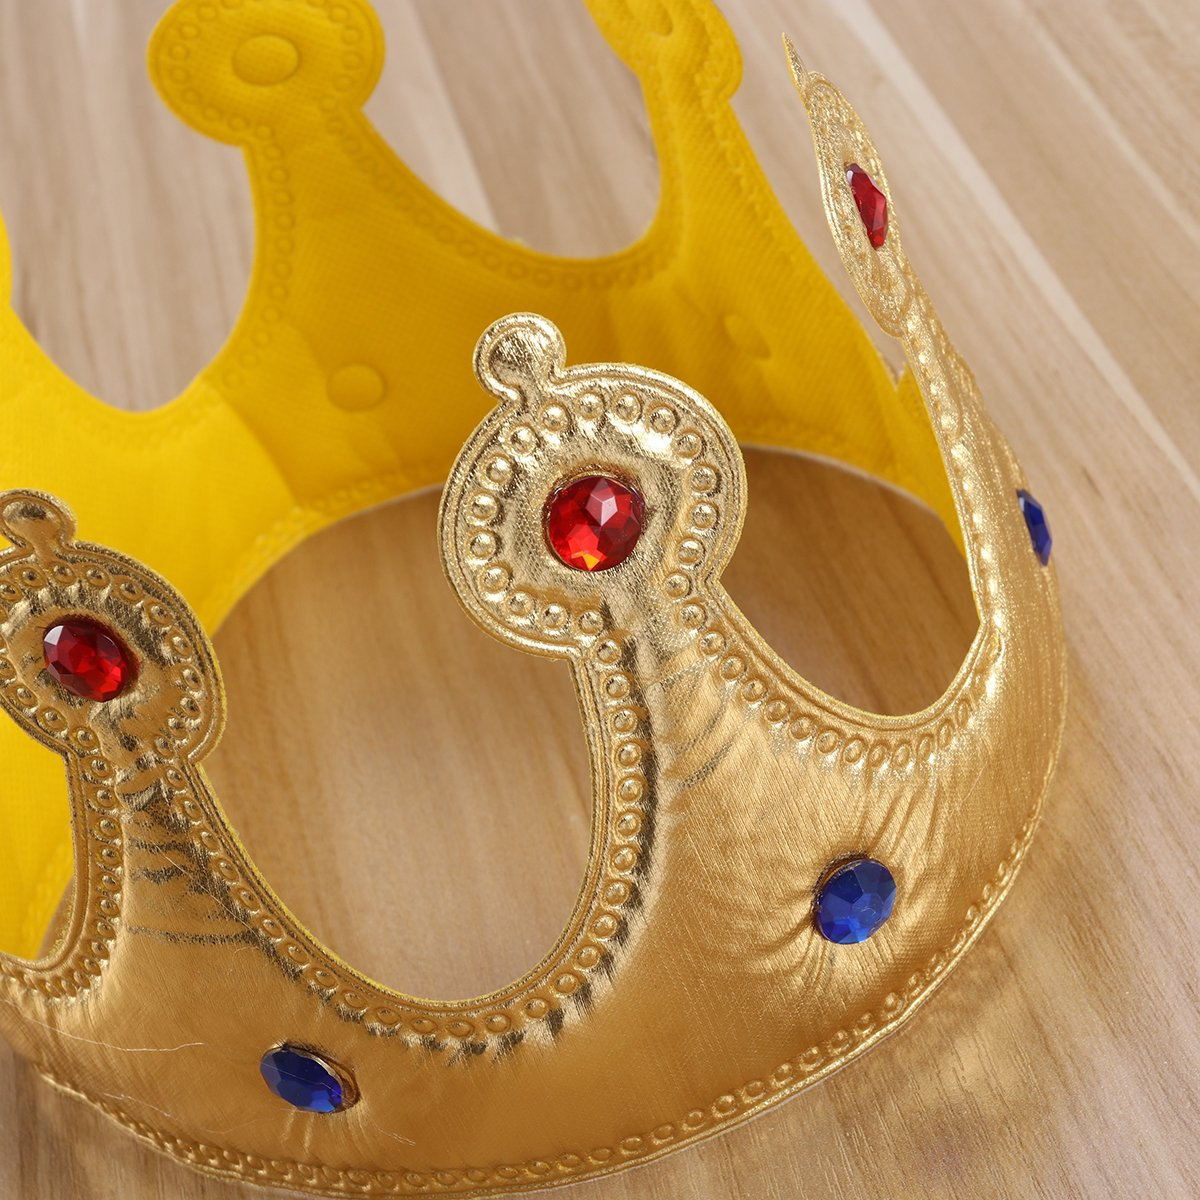 SUPVOX Sombreros de Corona de cumplea/ños Fiesta de Papel Corona Sombrero Gorra para cumplea/ños celebraci/ón Baby Shower